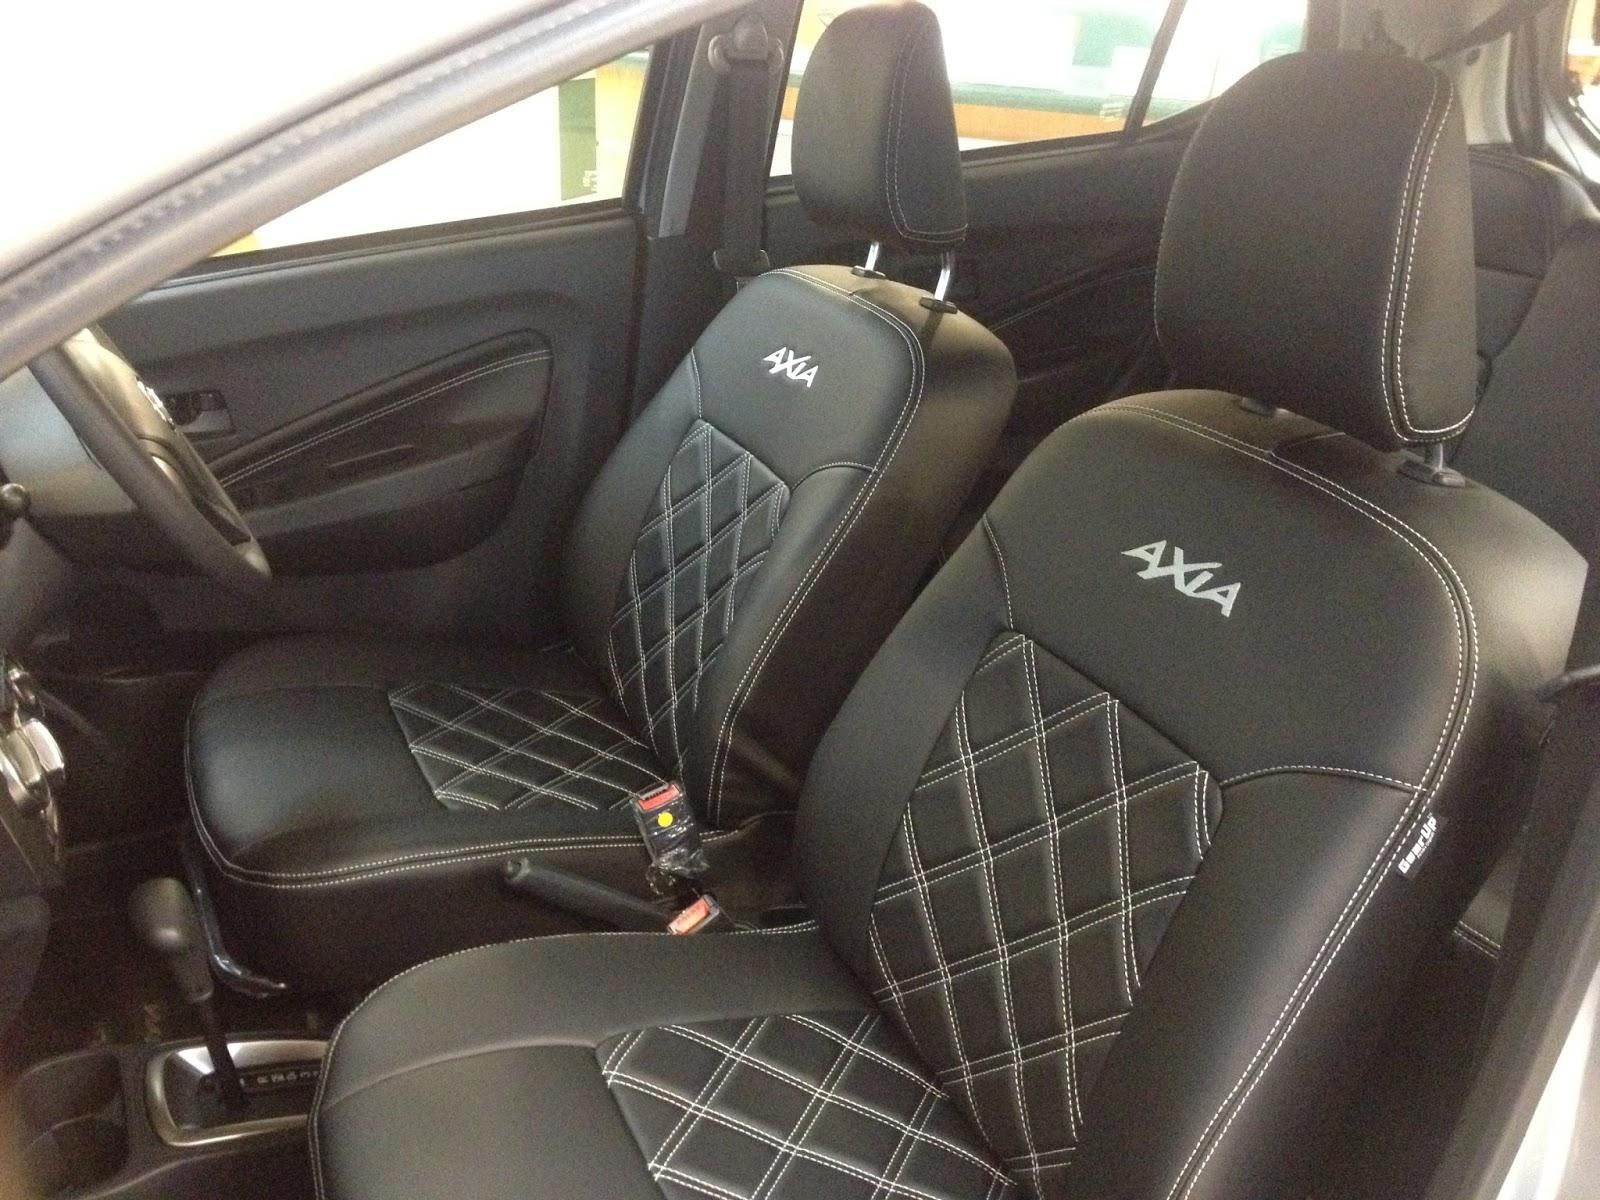 Promosi Perodua Axia standard G + Bodykit original Gear Up